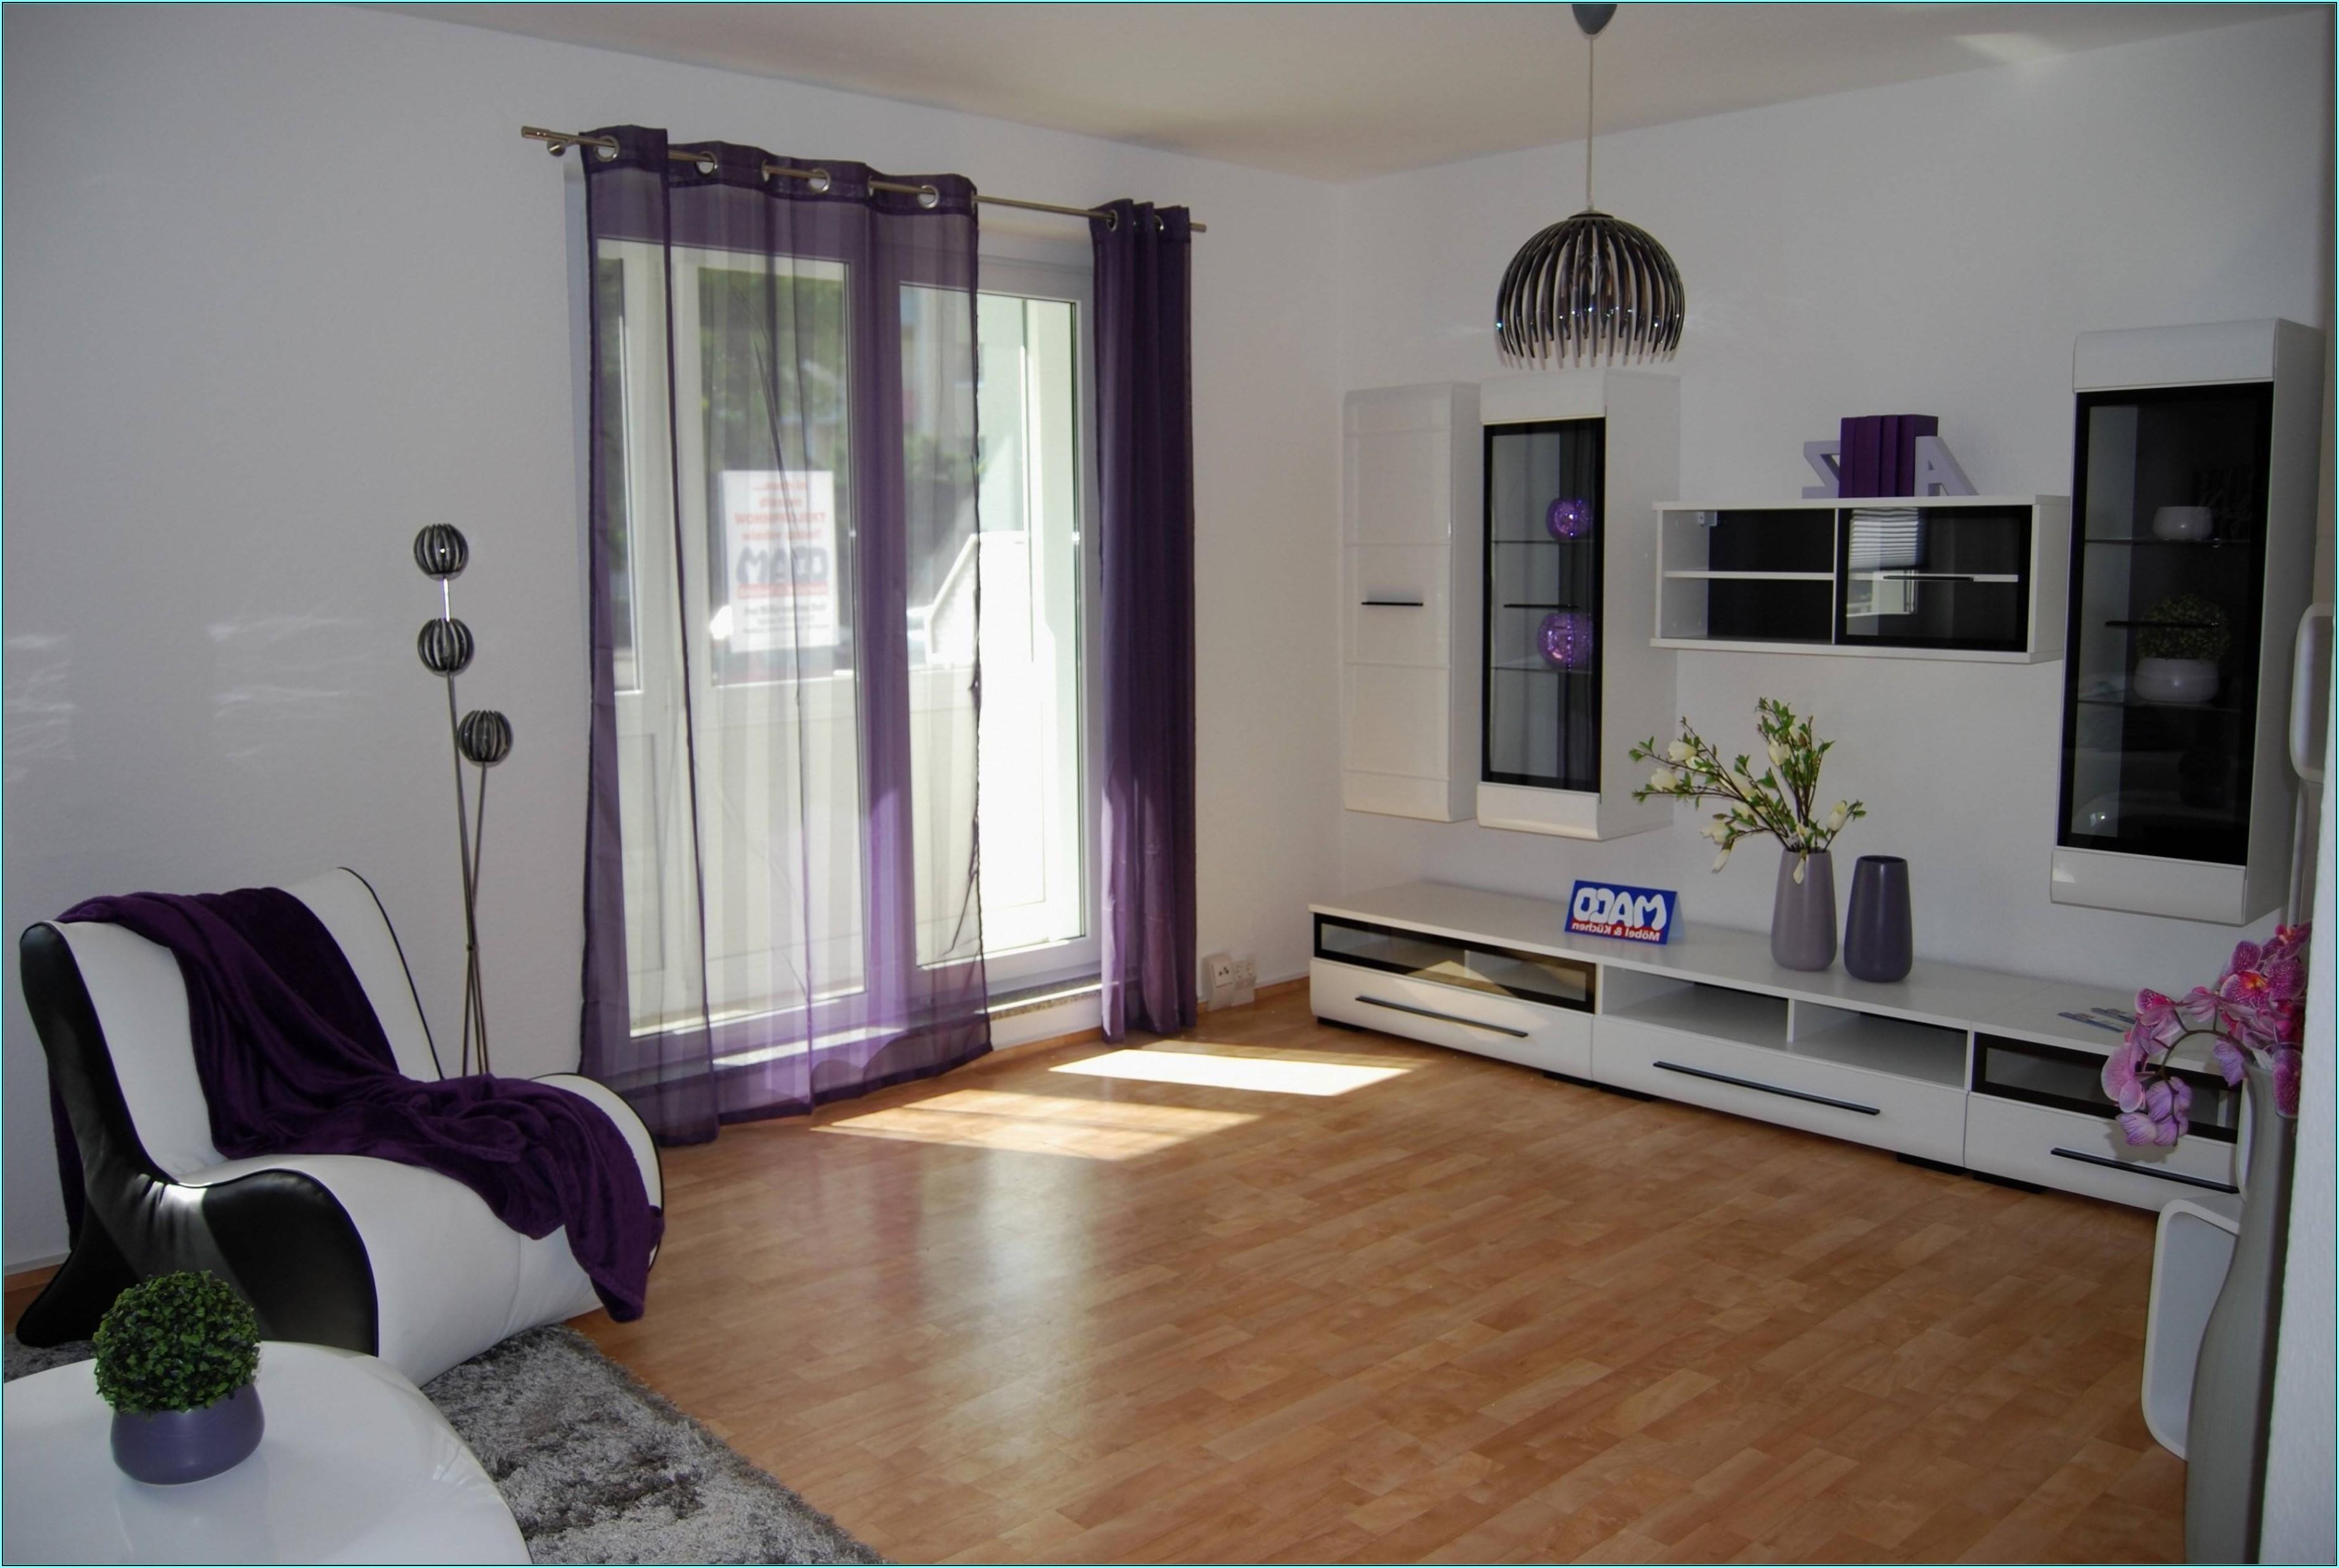 Wohnzimmer Couch Ideen